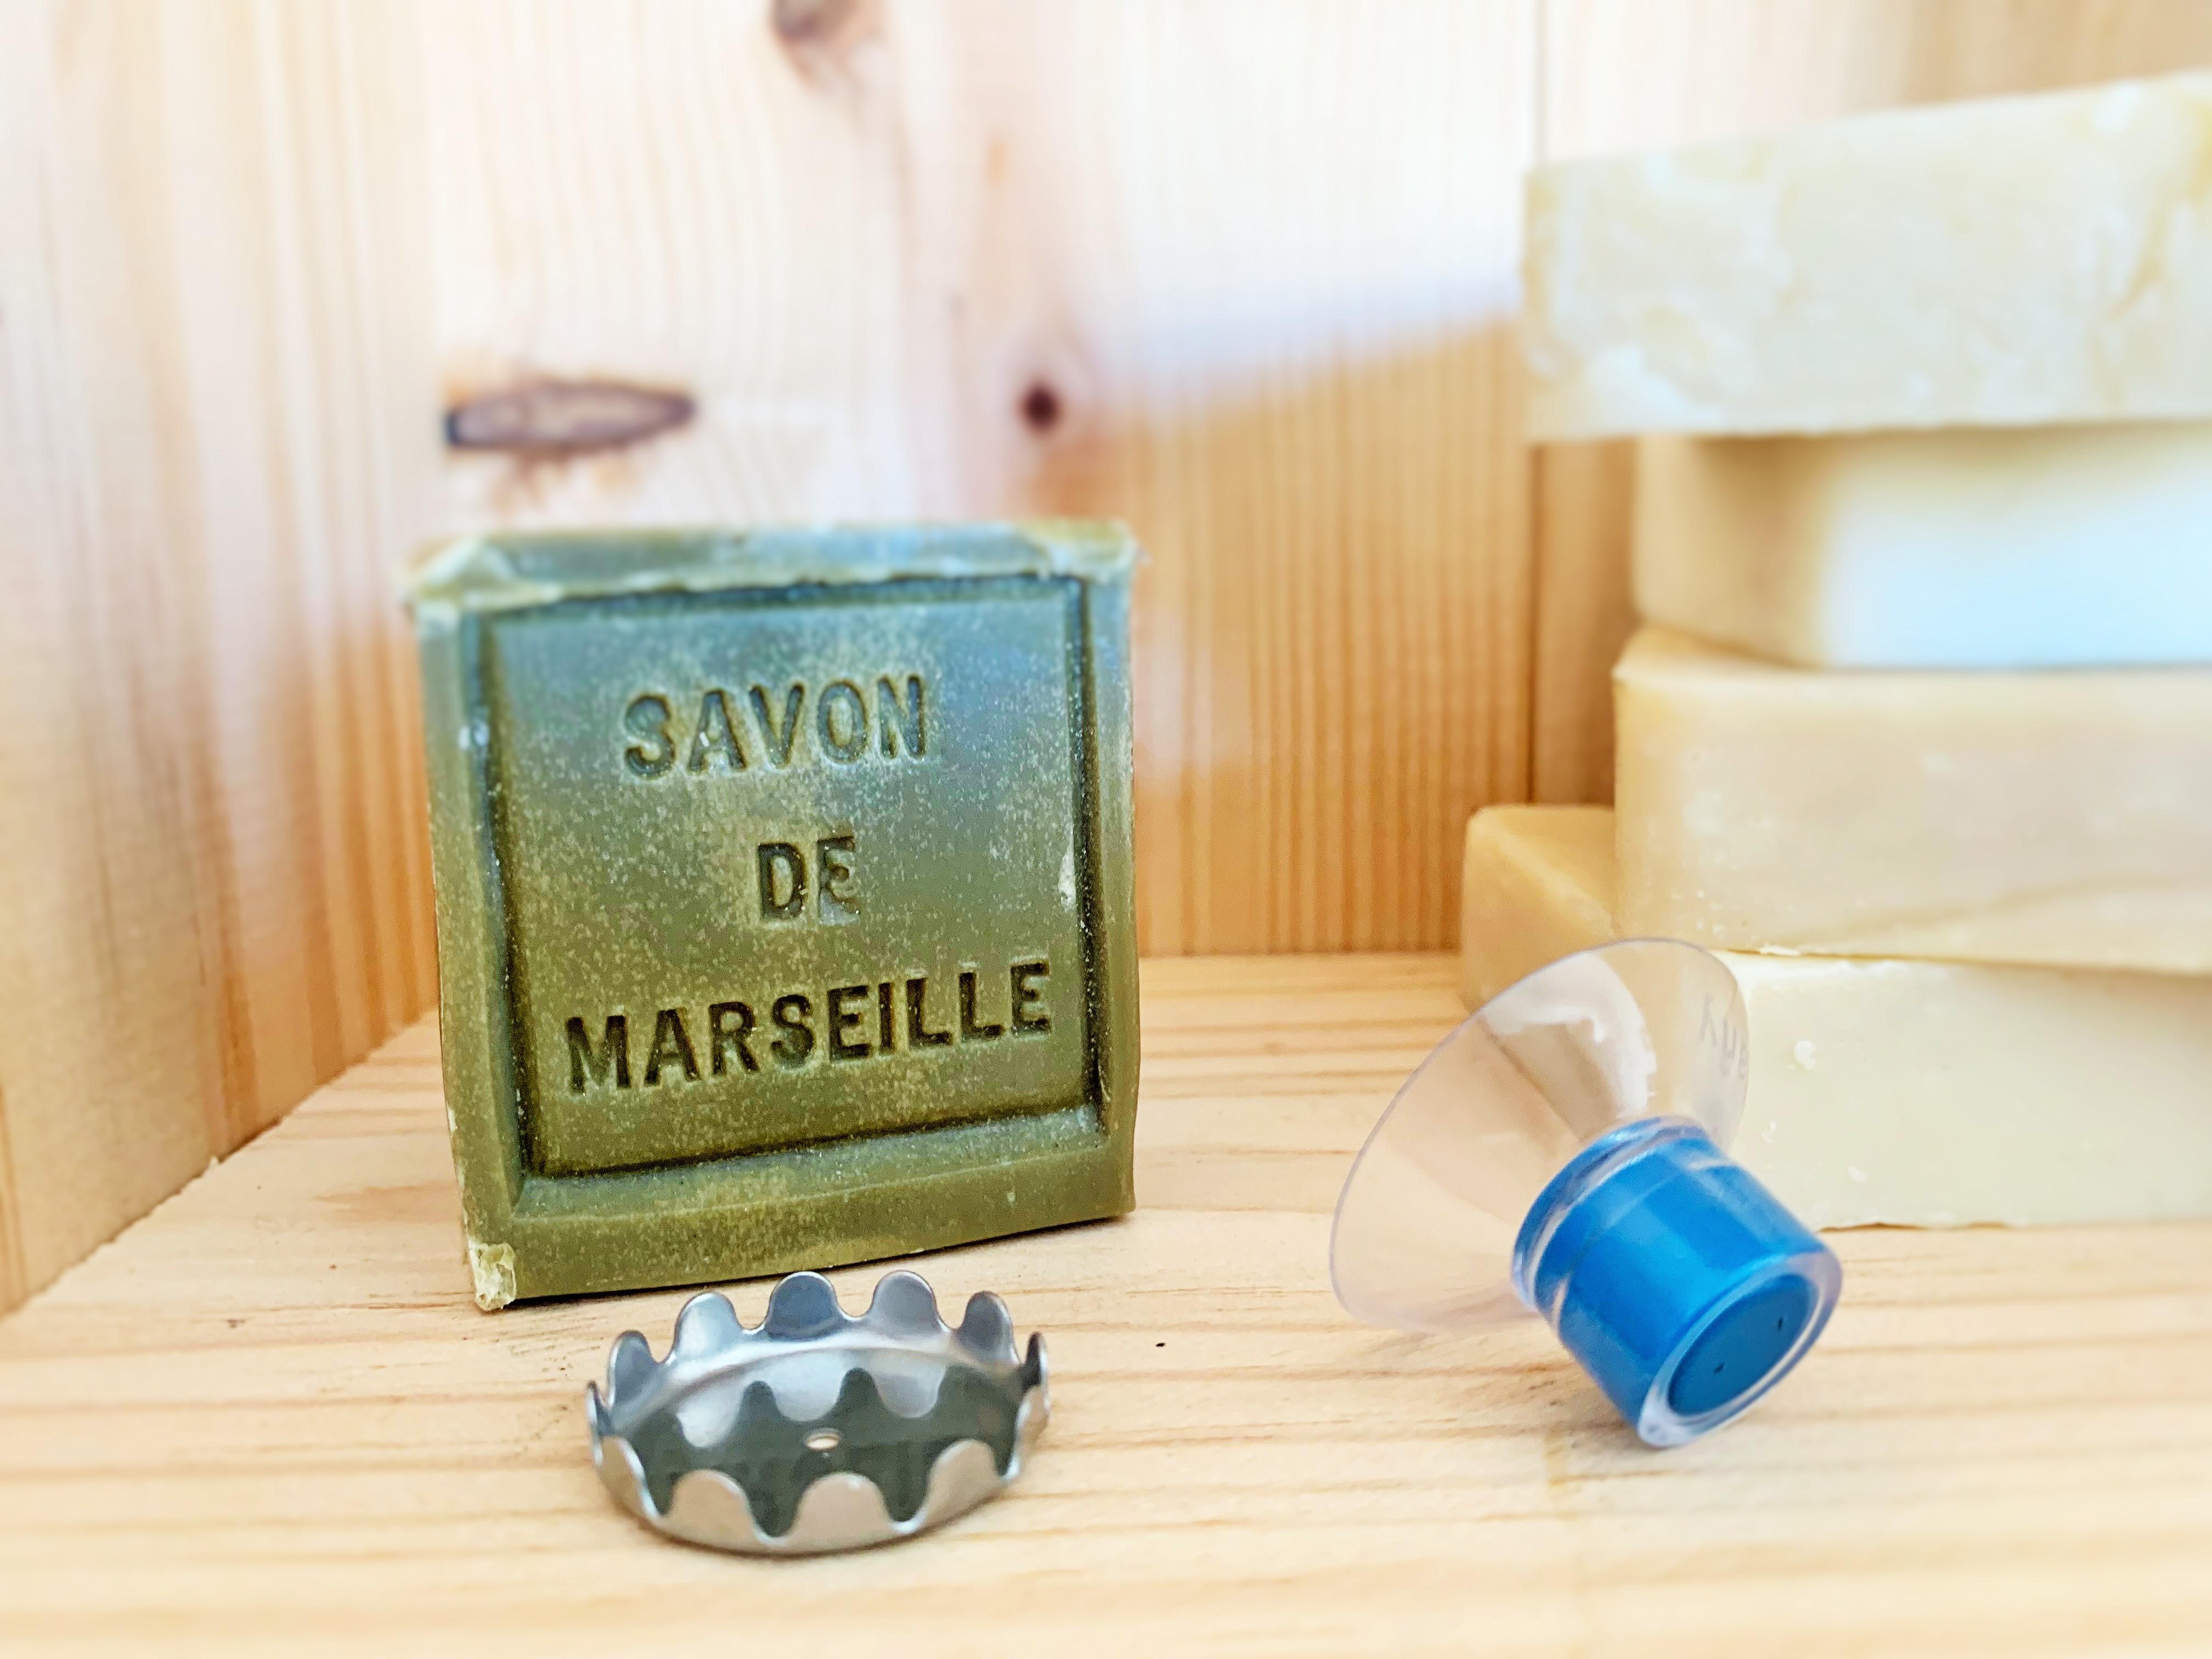 Porte-savon minimaliste. Sobre, design, économique et pratique. Savon de Marseille équipé.